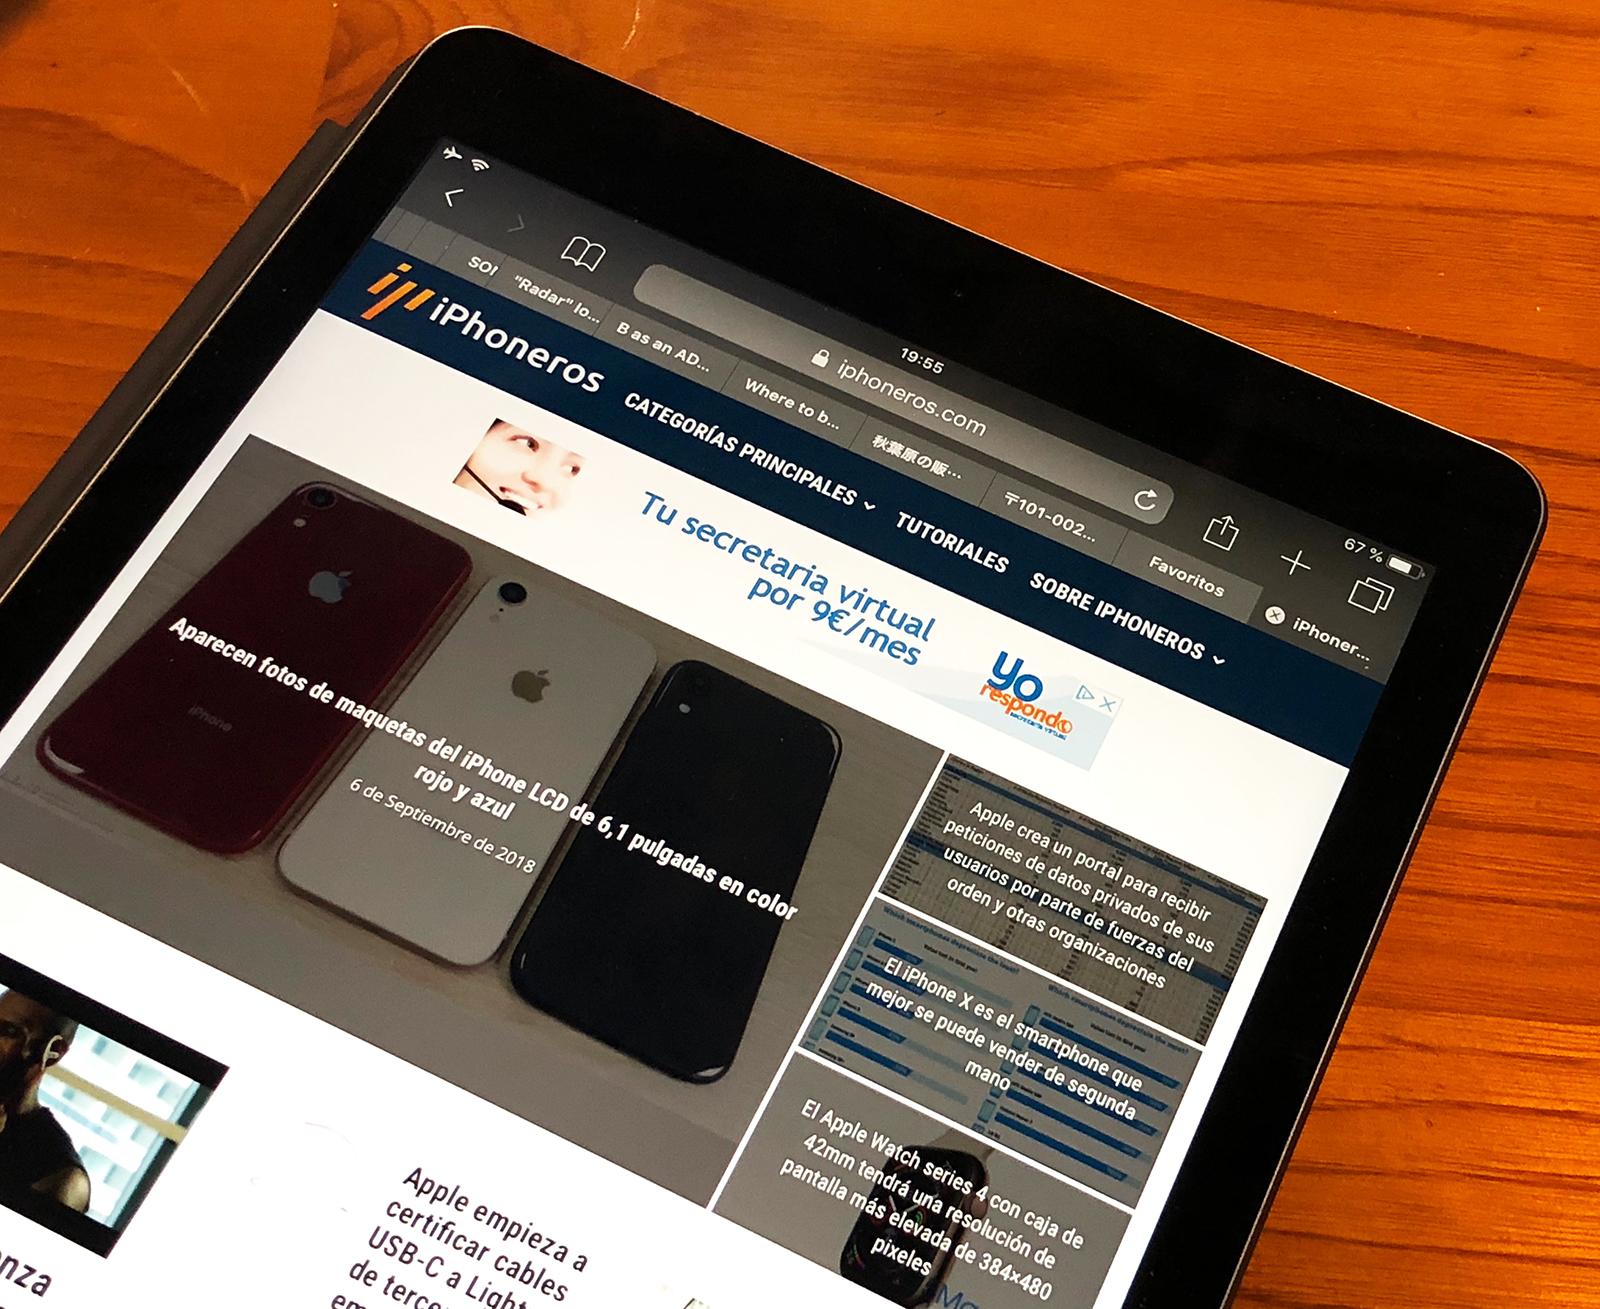 Nuevo diseño de iPhoneros 5.0 en el iPad